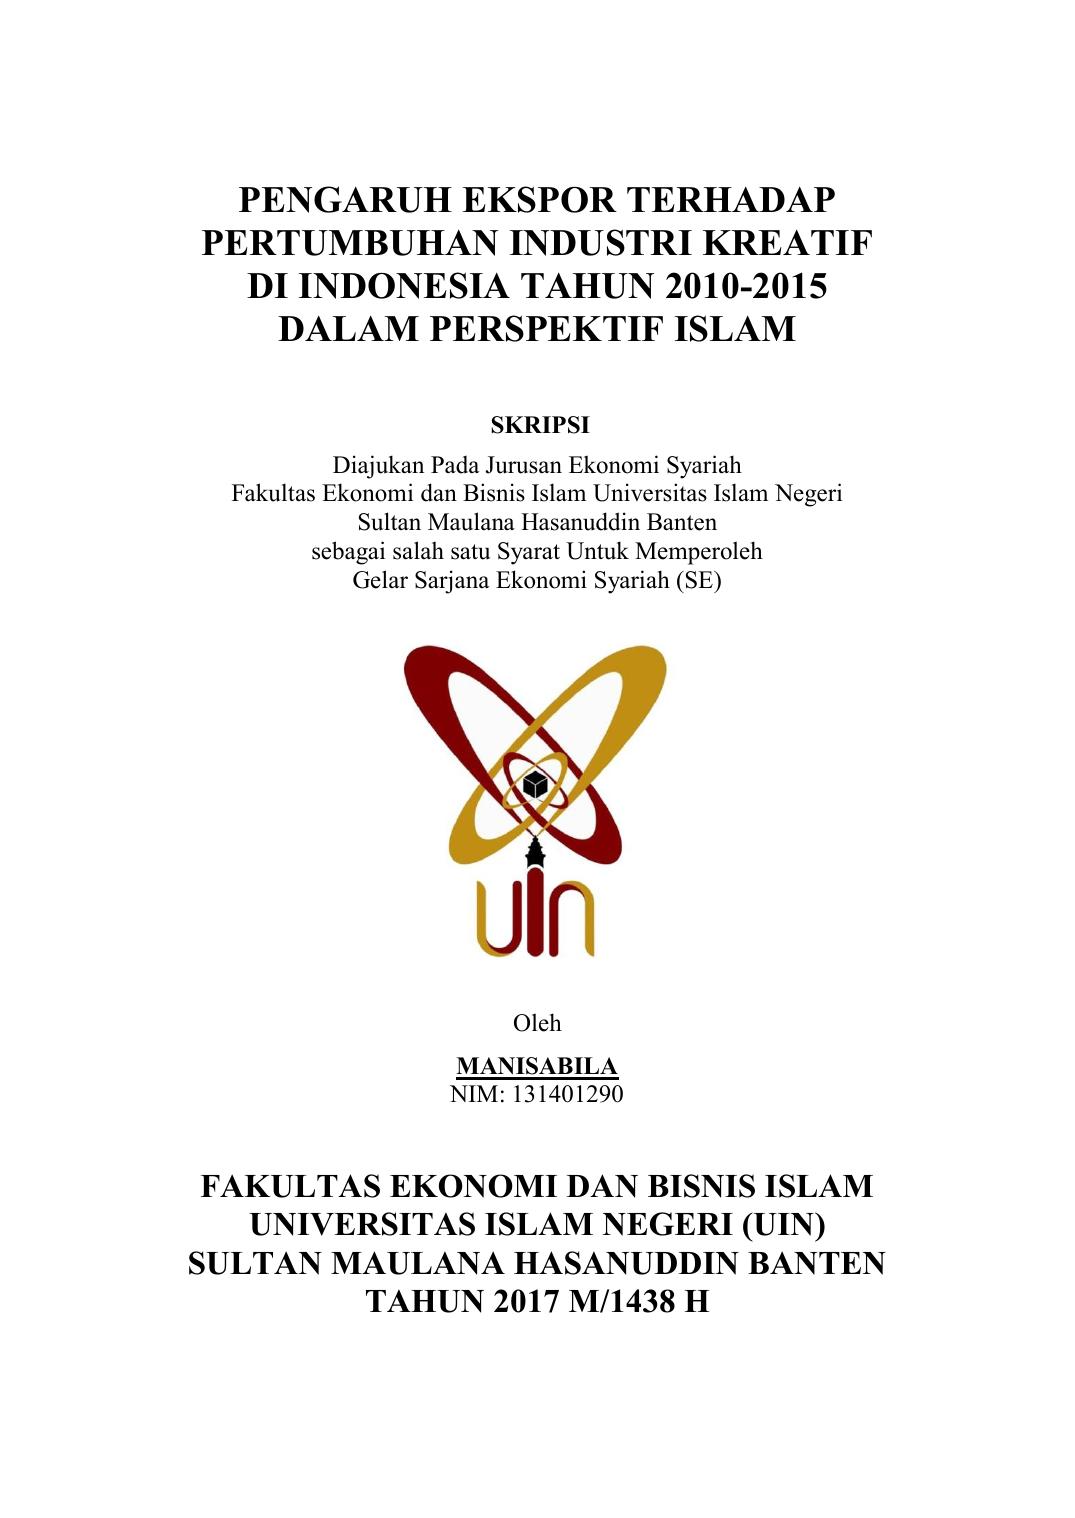 Pengaruh Ekspor Terhadap Pertumbuhan Industri Kreatif Di Indonesia